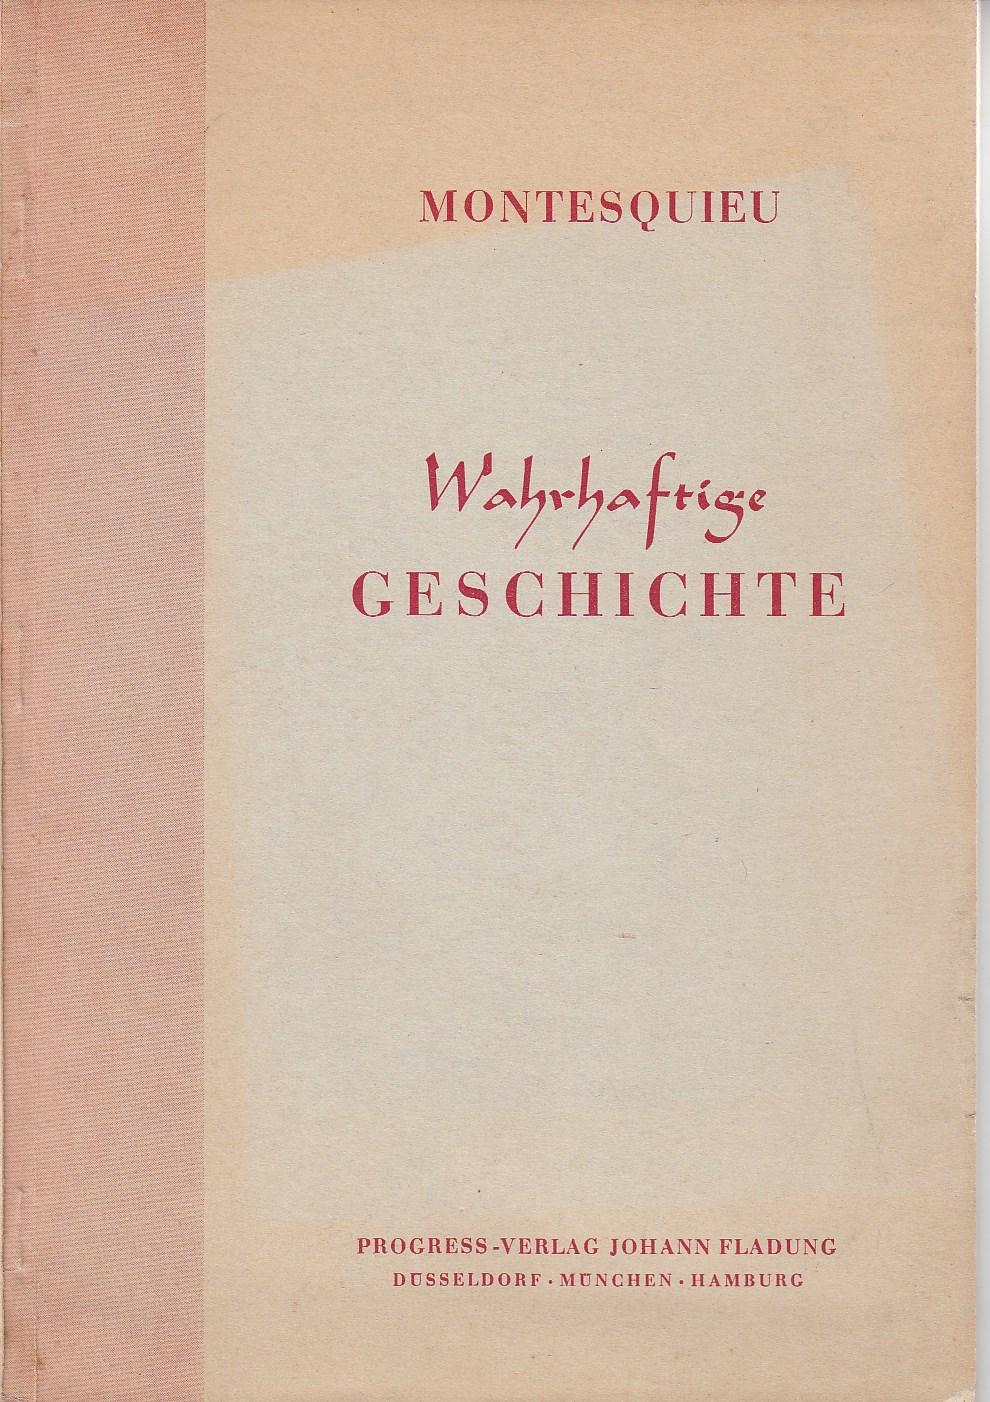 Wahrhaftige Geschichten. Deutsch Victor Klemperer. Holzschnitte Werner: MONTESQUIEU.